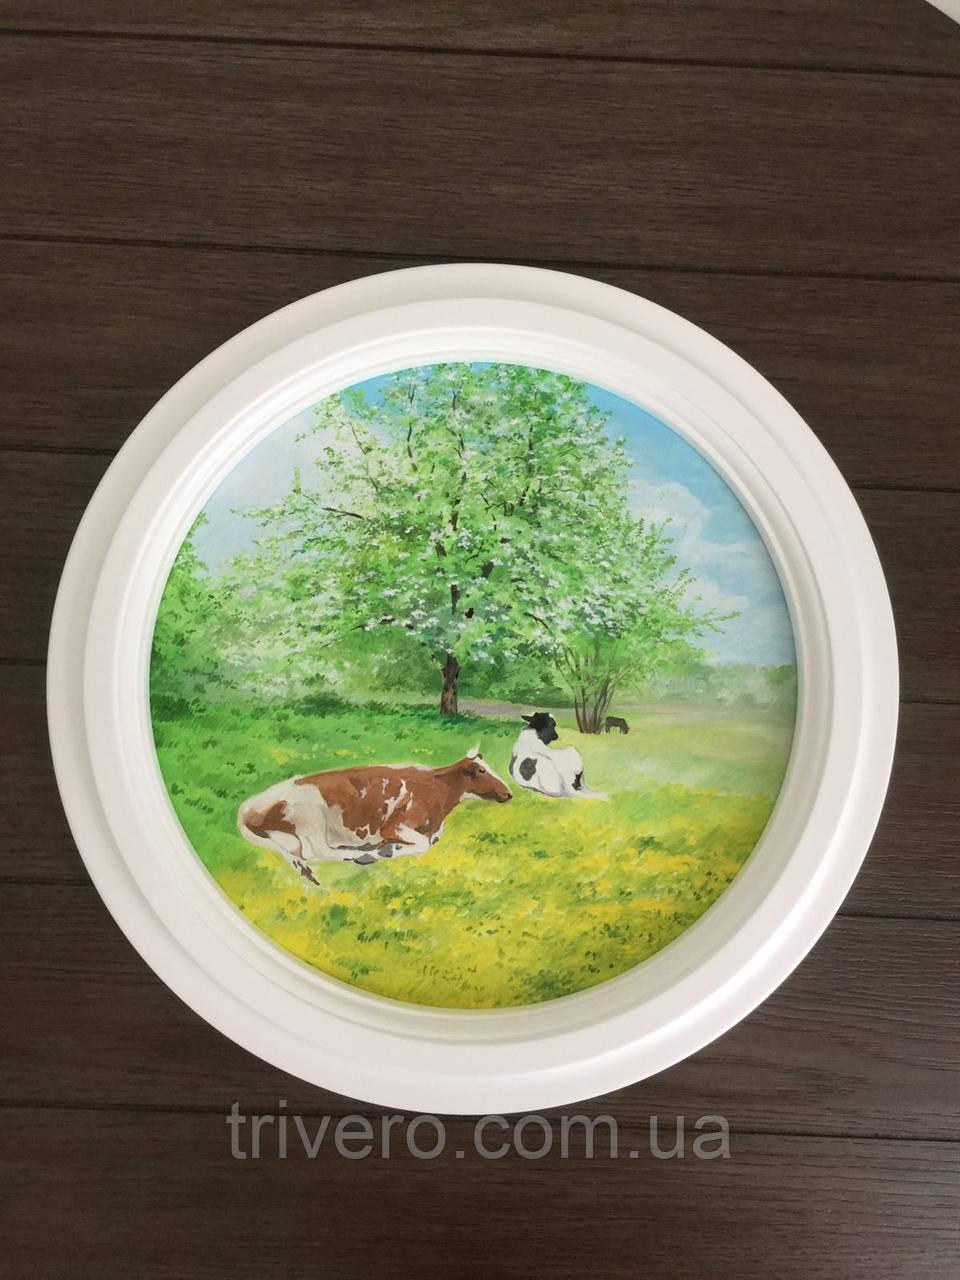 Кругла рама для картини або дзеркала